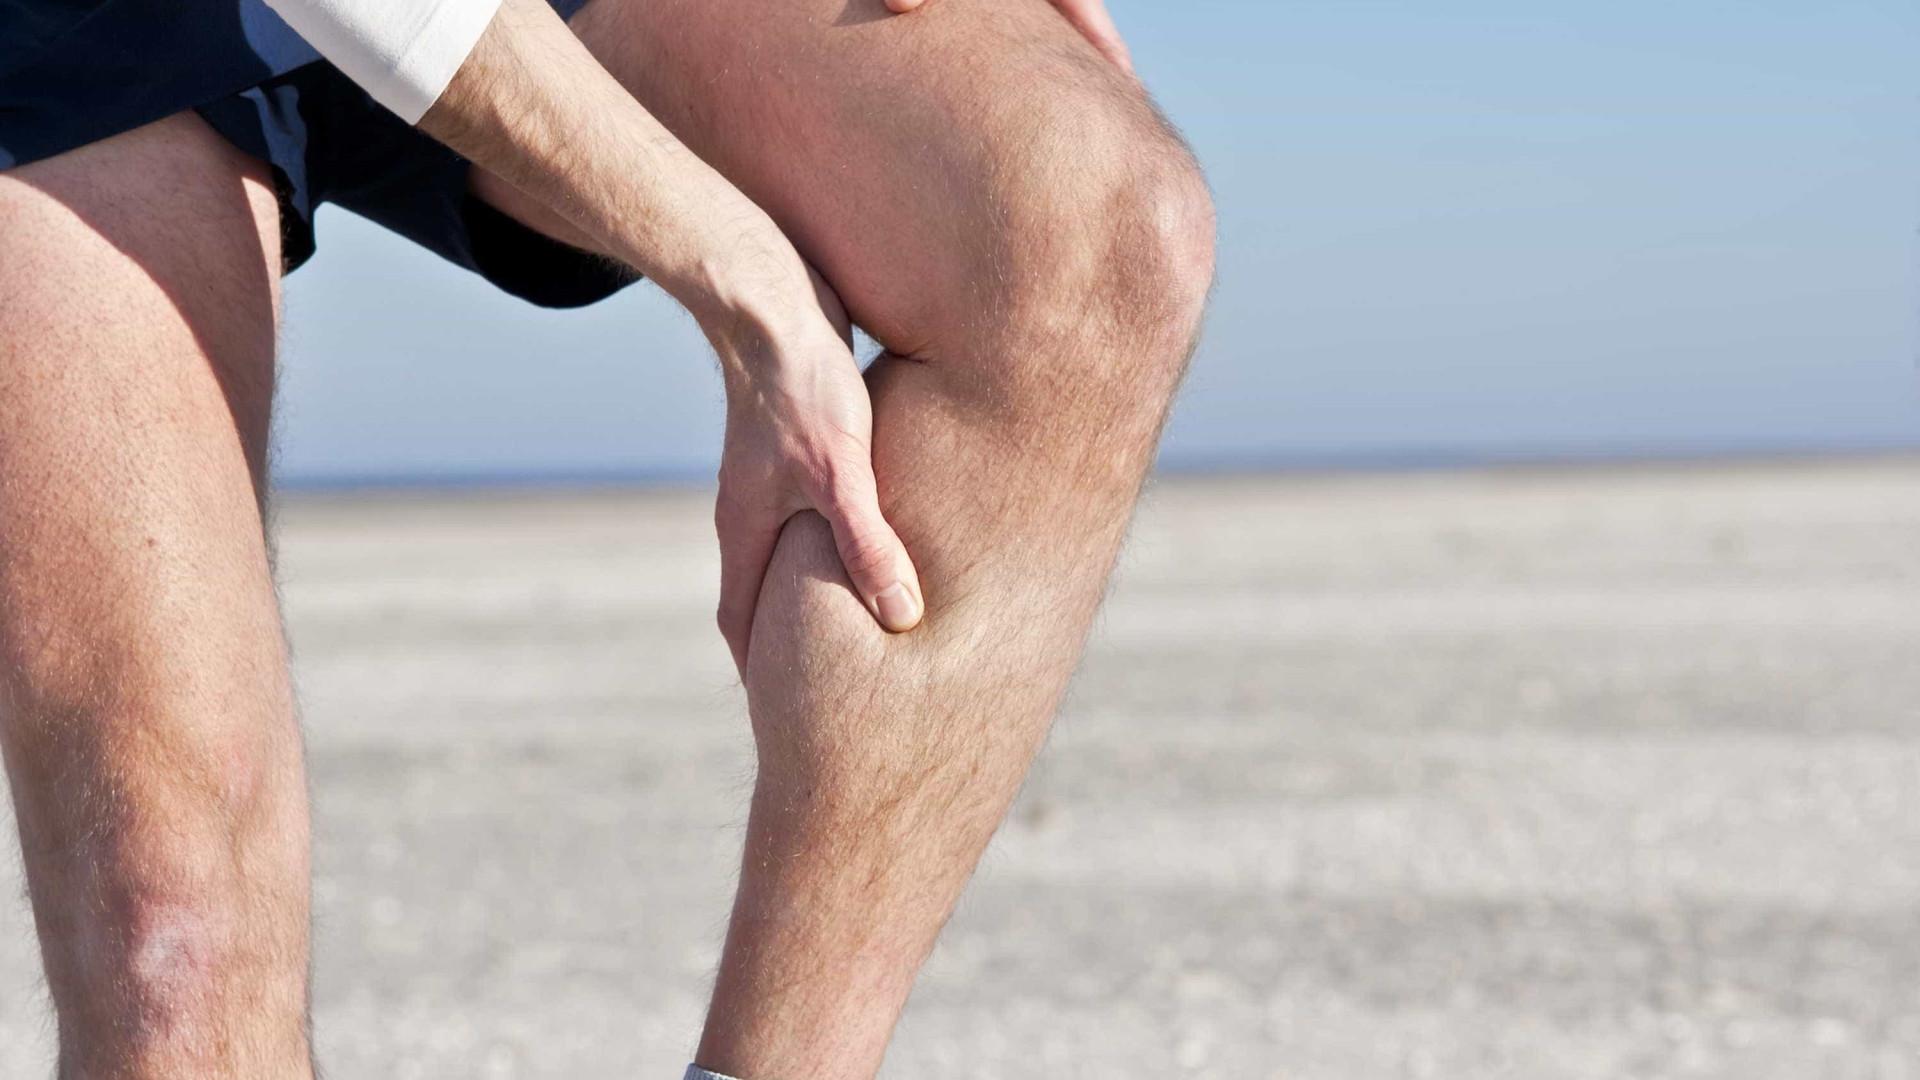 pode desidratação causar cãibras nas pernas à noite